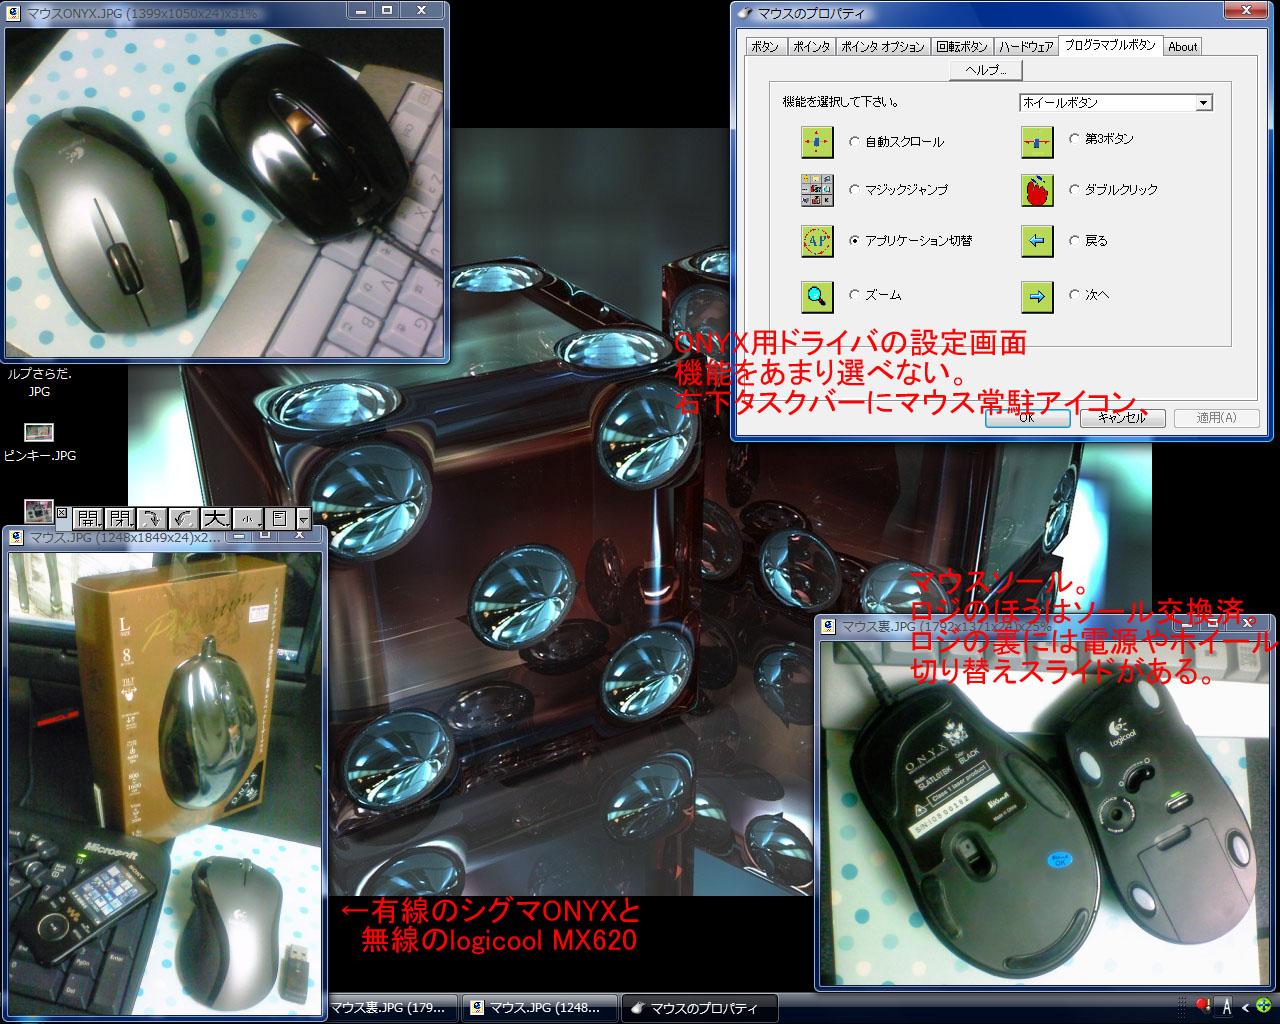 ロジクール MX-620、シグマONYX